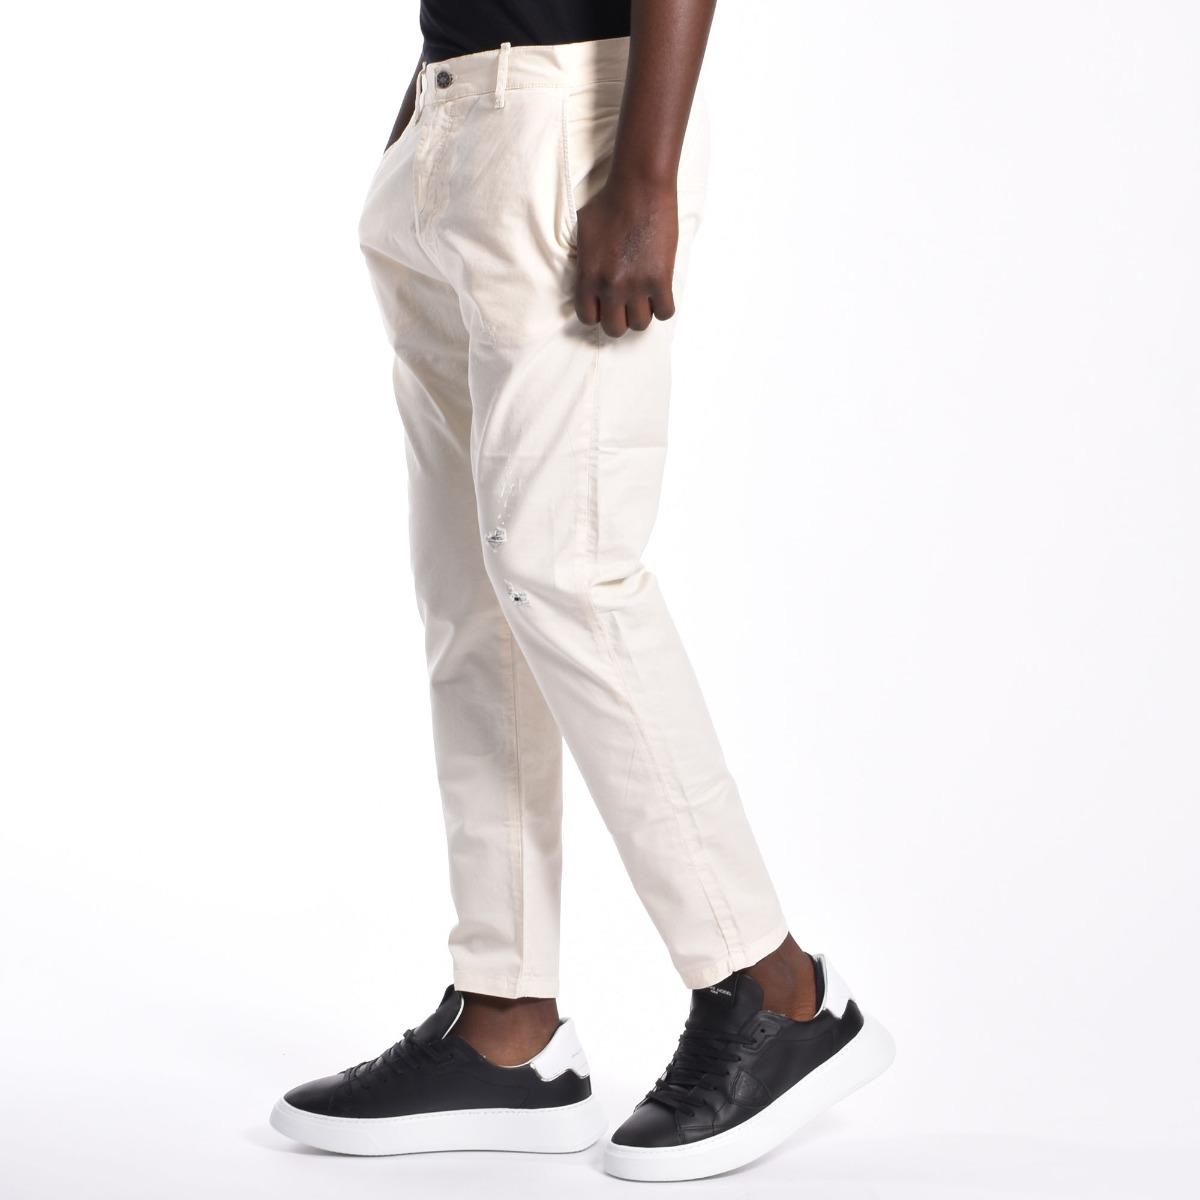 Pantalone riccardo - Panna